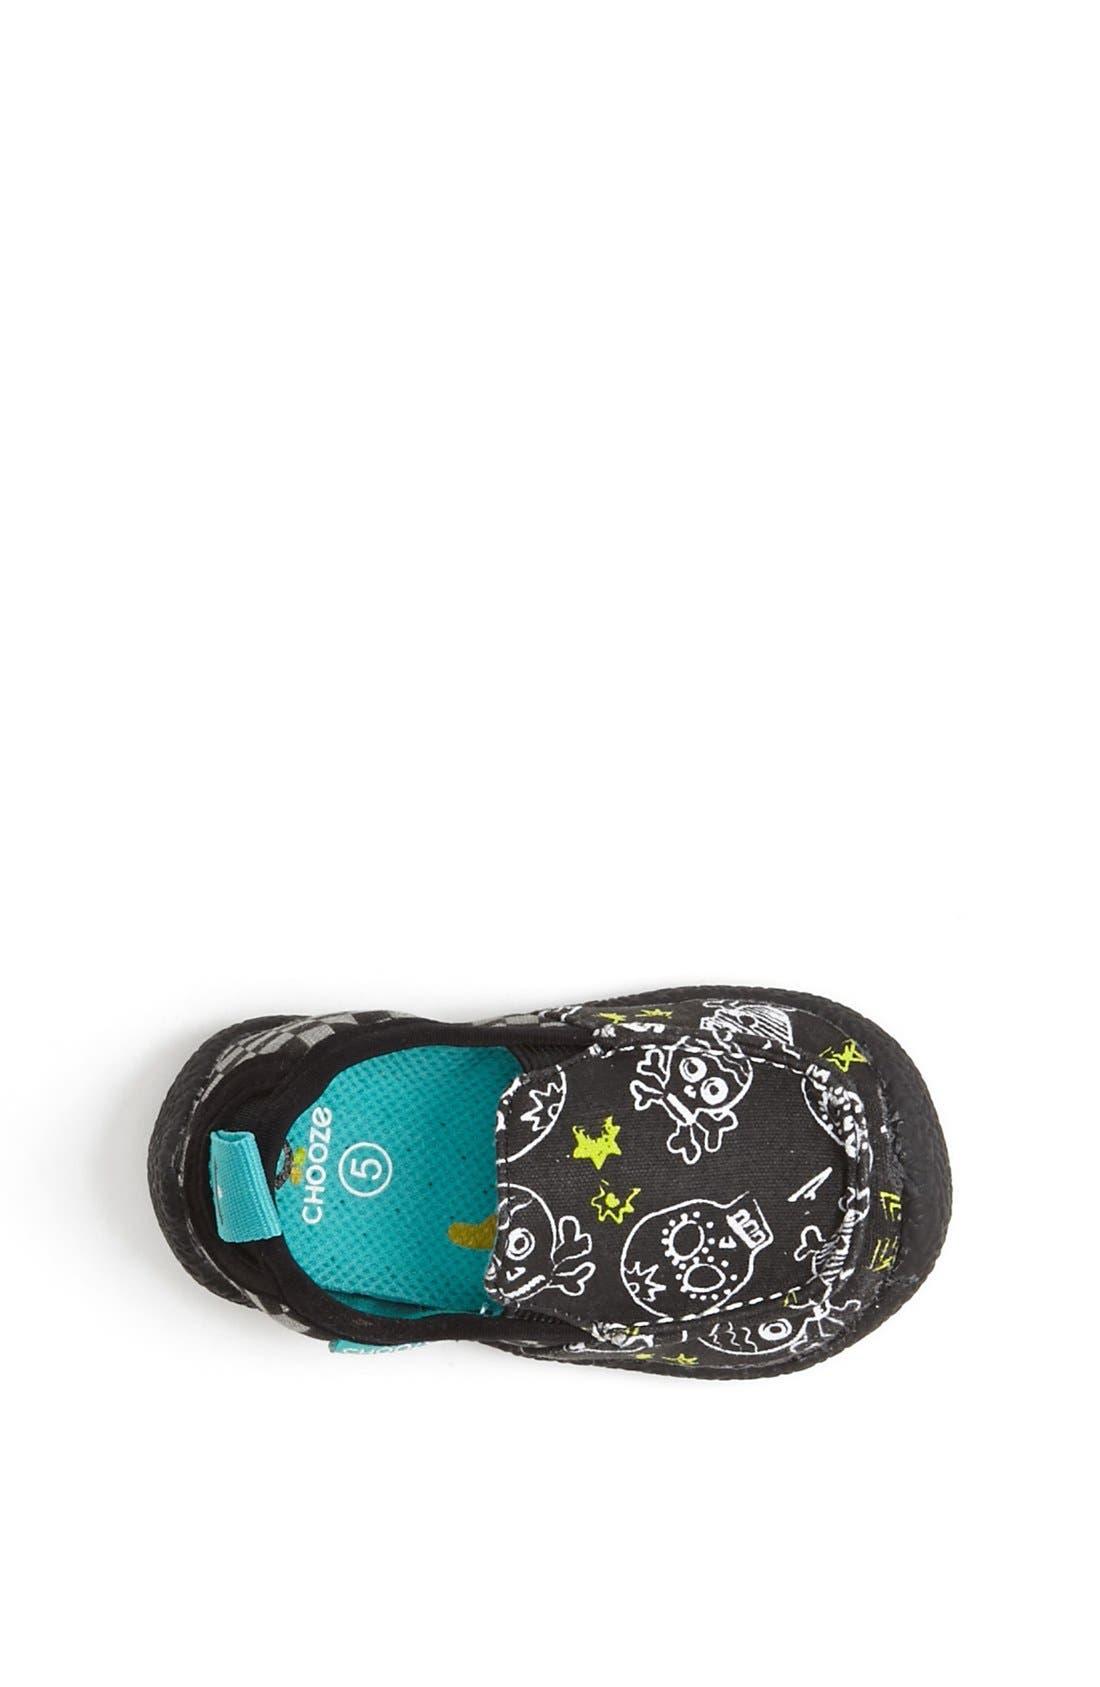 Alternate Image 3  - CHOOZE 'Scout - Rockout 2' Slip-On Loafer (Baby, Walker, Toddler, Little Kid & Big Kid)